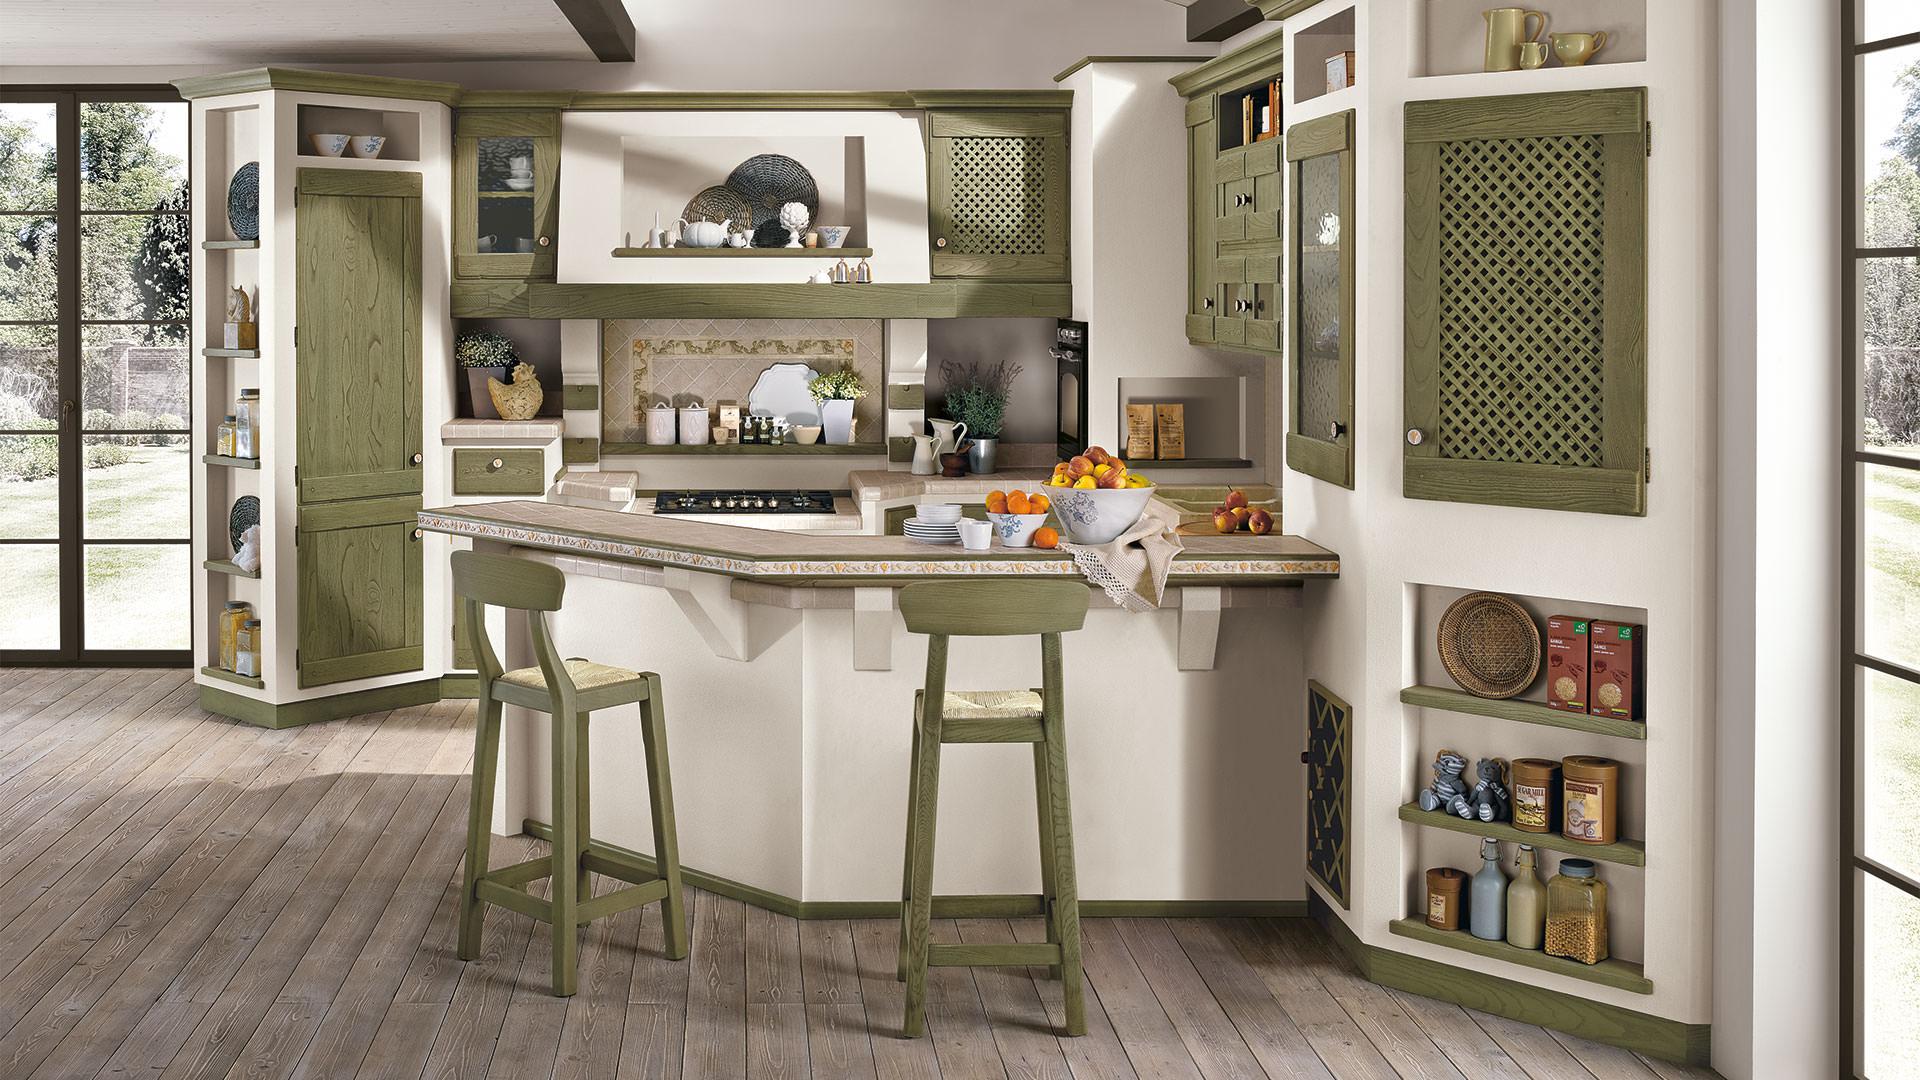 Cucina lube classica contemporanea anita 11 rafaschieri - Cucina classica contemporanea ...